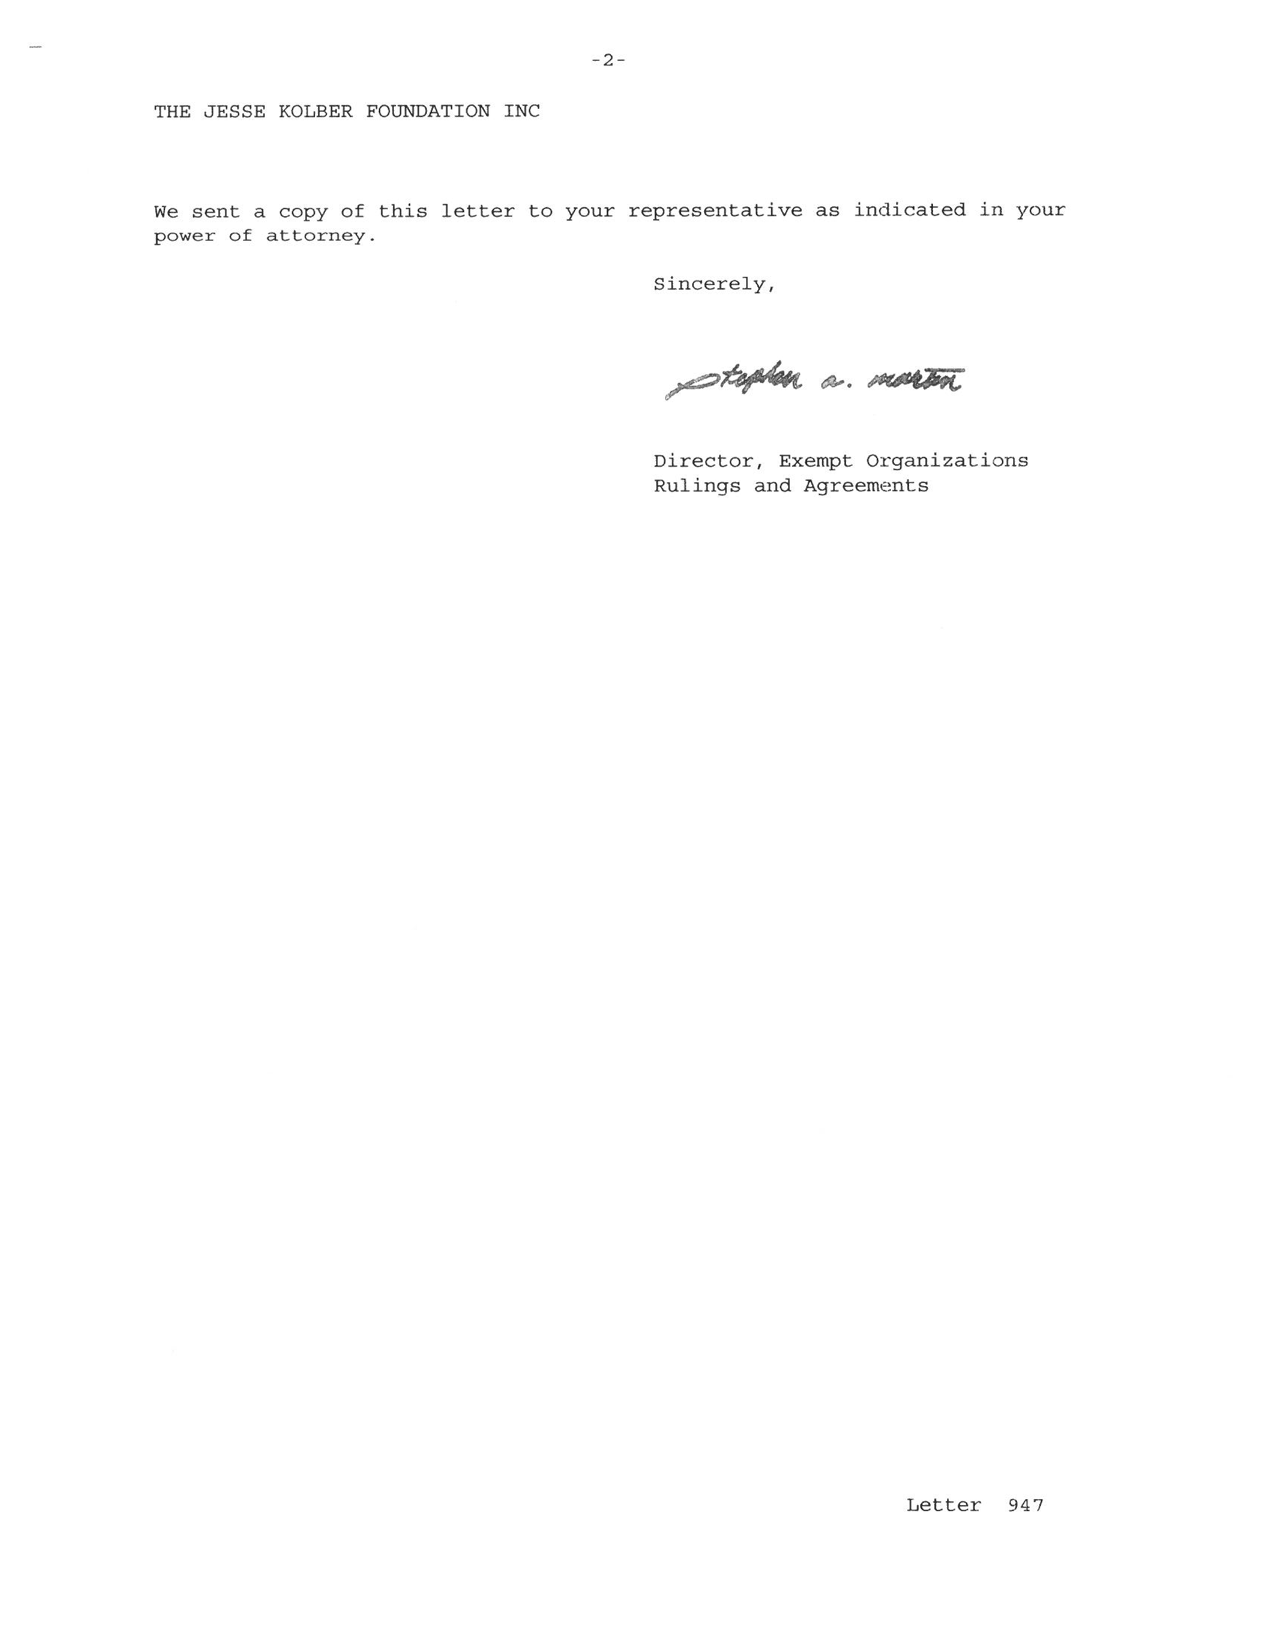 JKF_501 (c)(3) 2.png